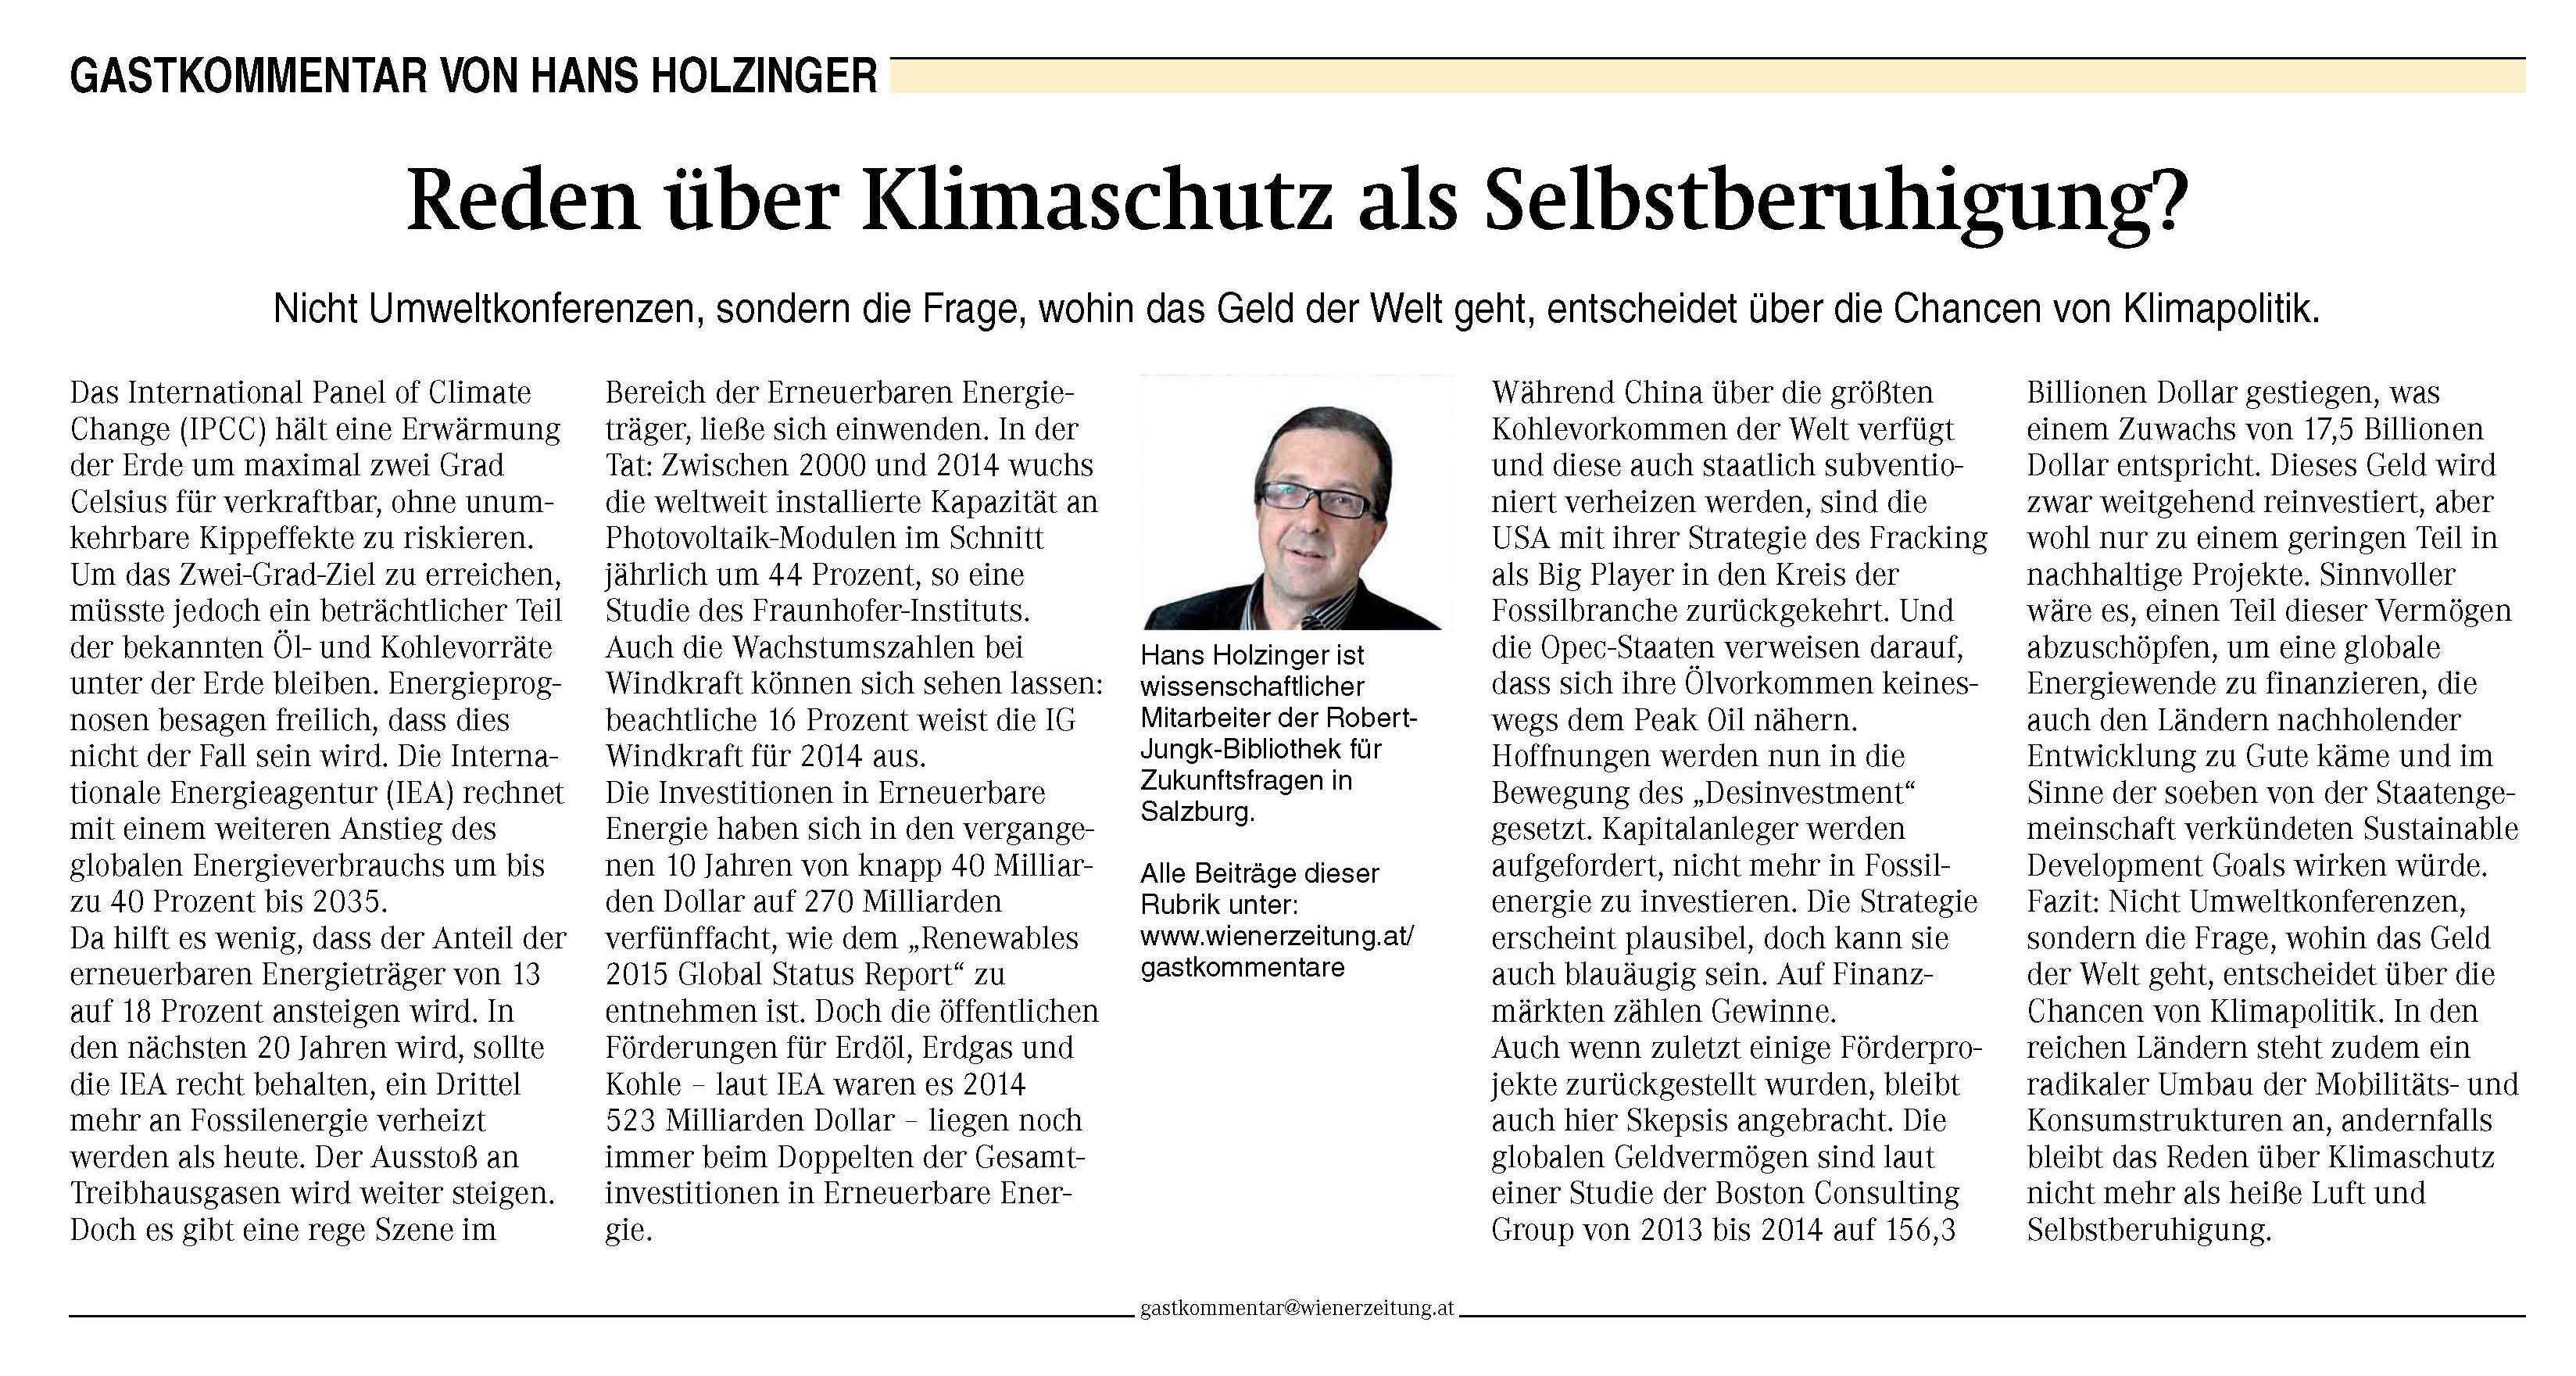 Jbz Kommentar In Wiener Zeitung Zu Klimakonferenz Die Robert Jungk Bibliothek Fur Zukunftsfragen Jbz